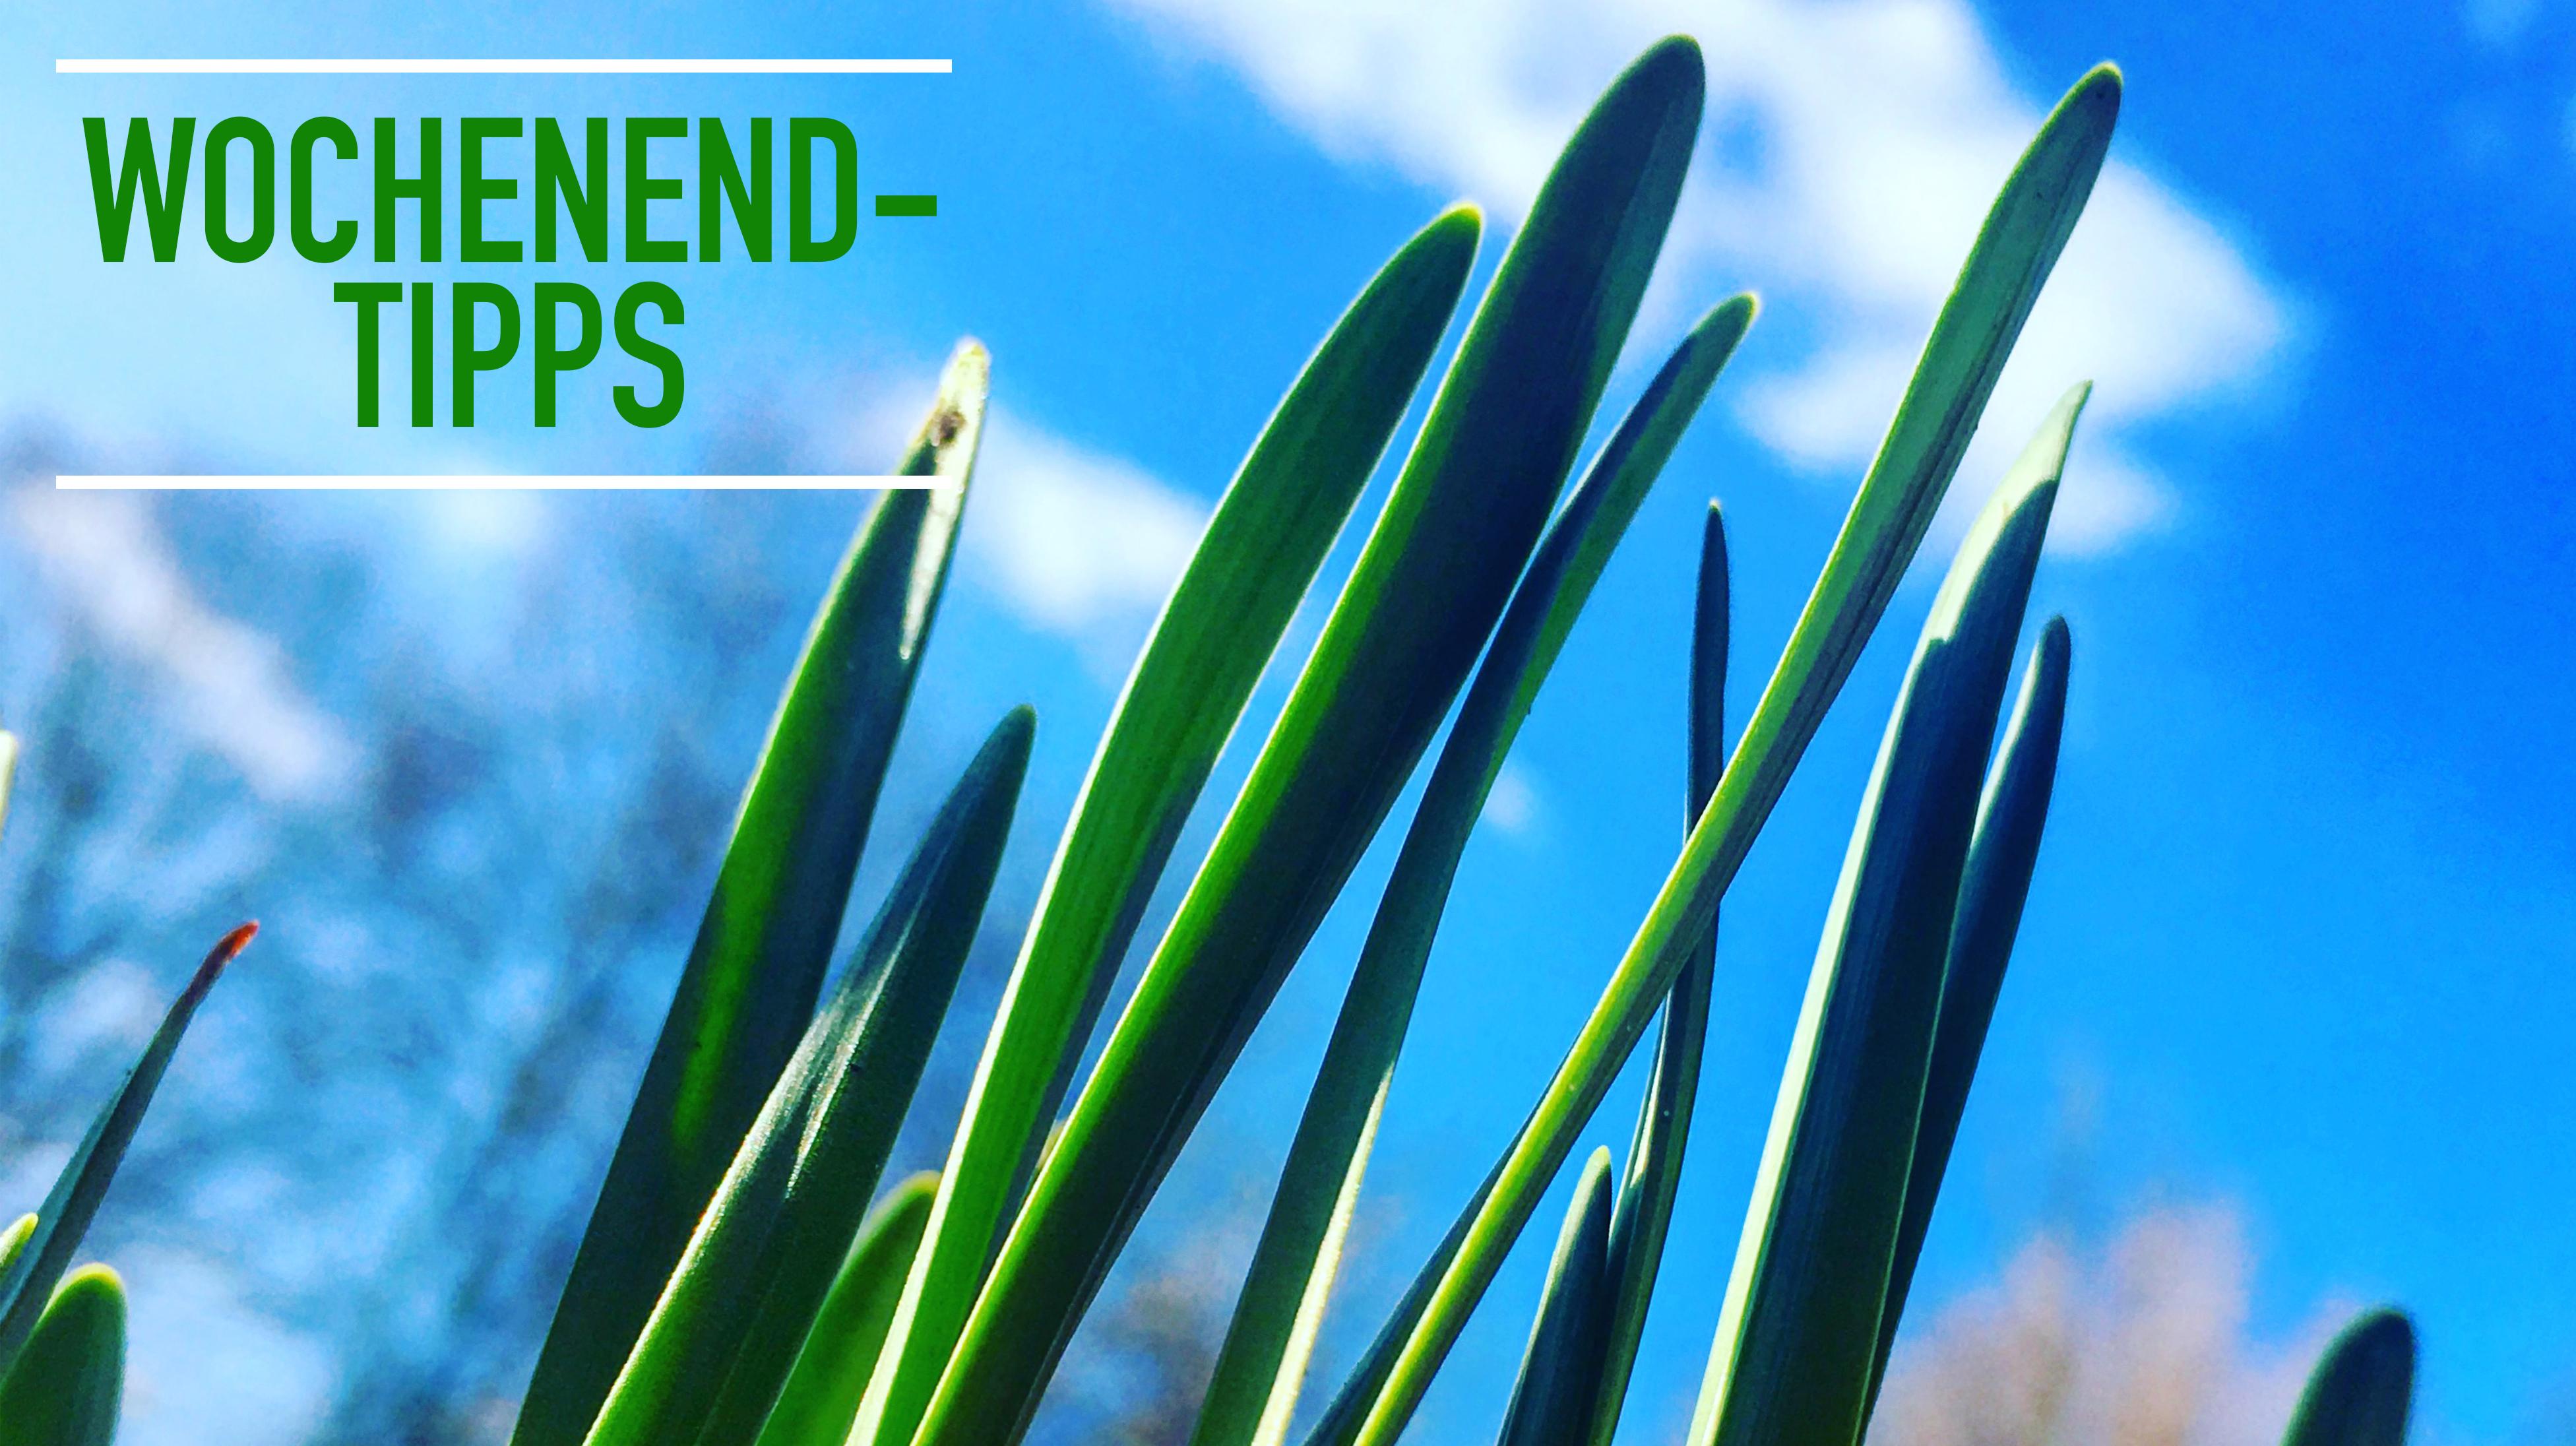 Wochenendtipps: Lesespaziergang mit Maibowle, Frühlingsmusik mit Grillen, Vortrag über Beginen(höfe) und Chorkonzert